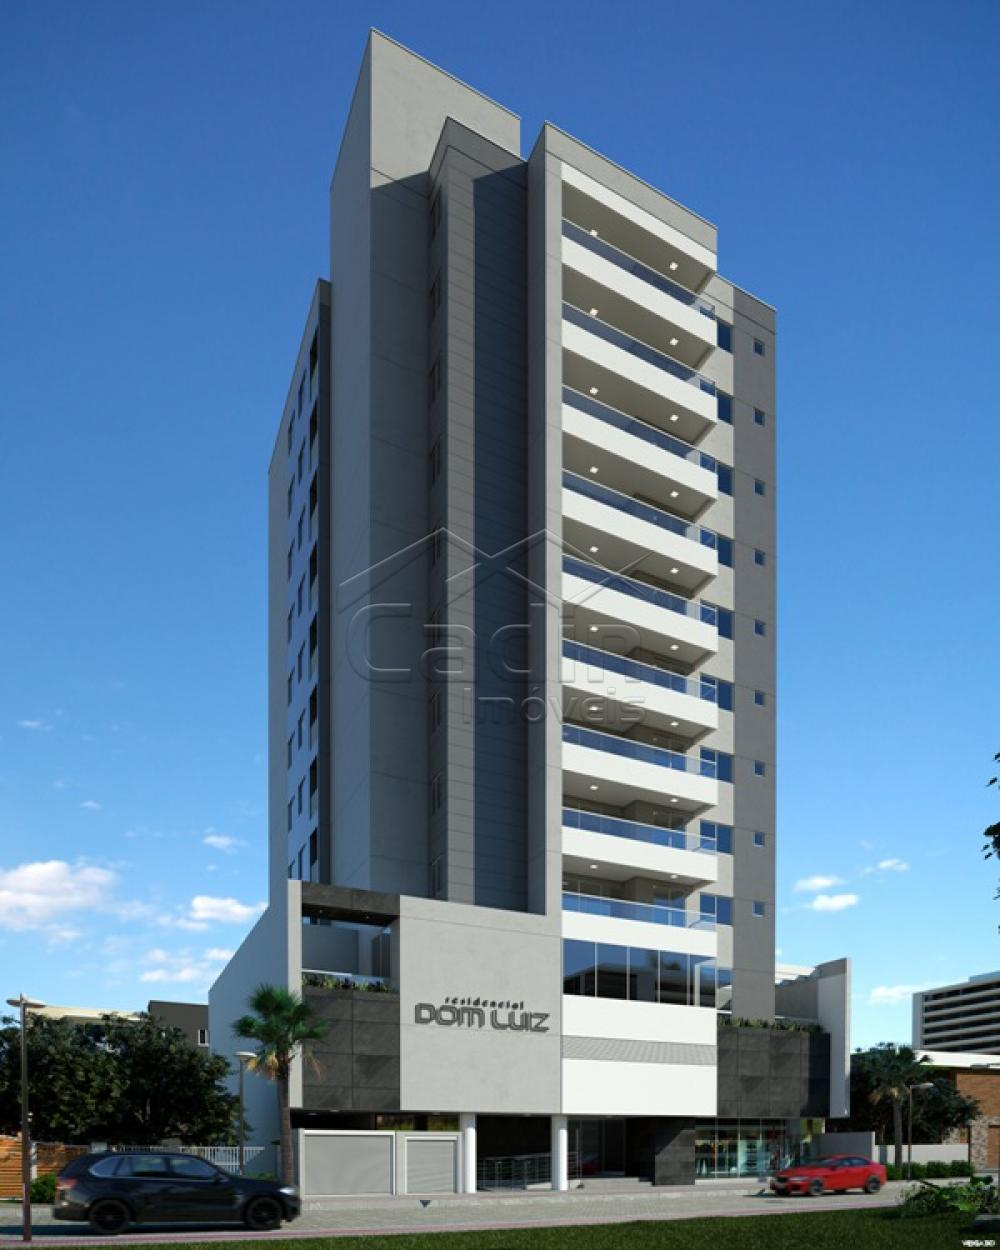 Comprar Apartamento / Padrão em Navegantes R$ 395.000,00 - Foto 1